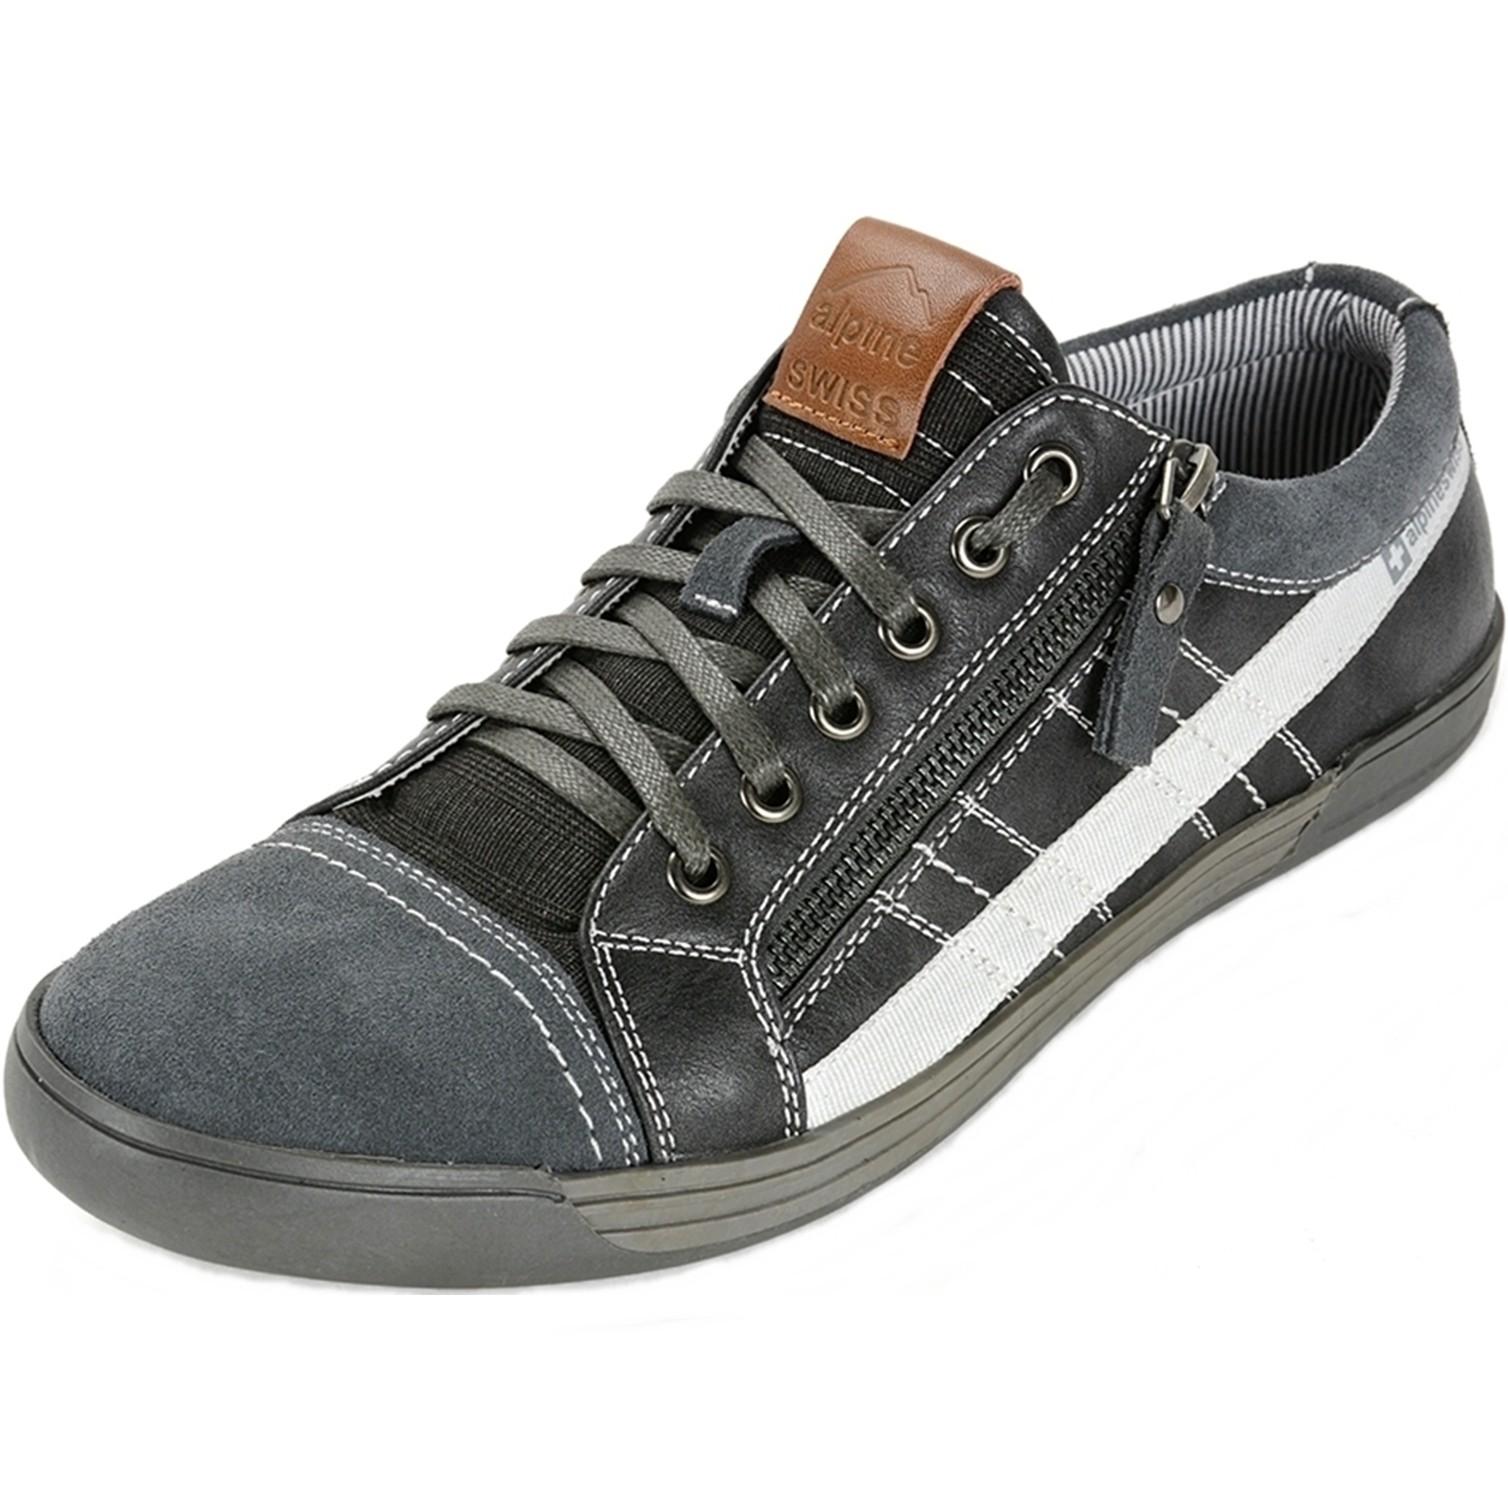 Swiss Shoe Store